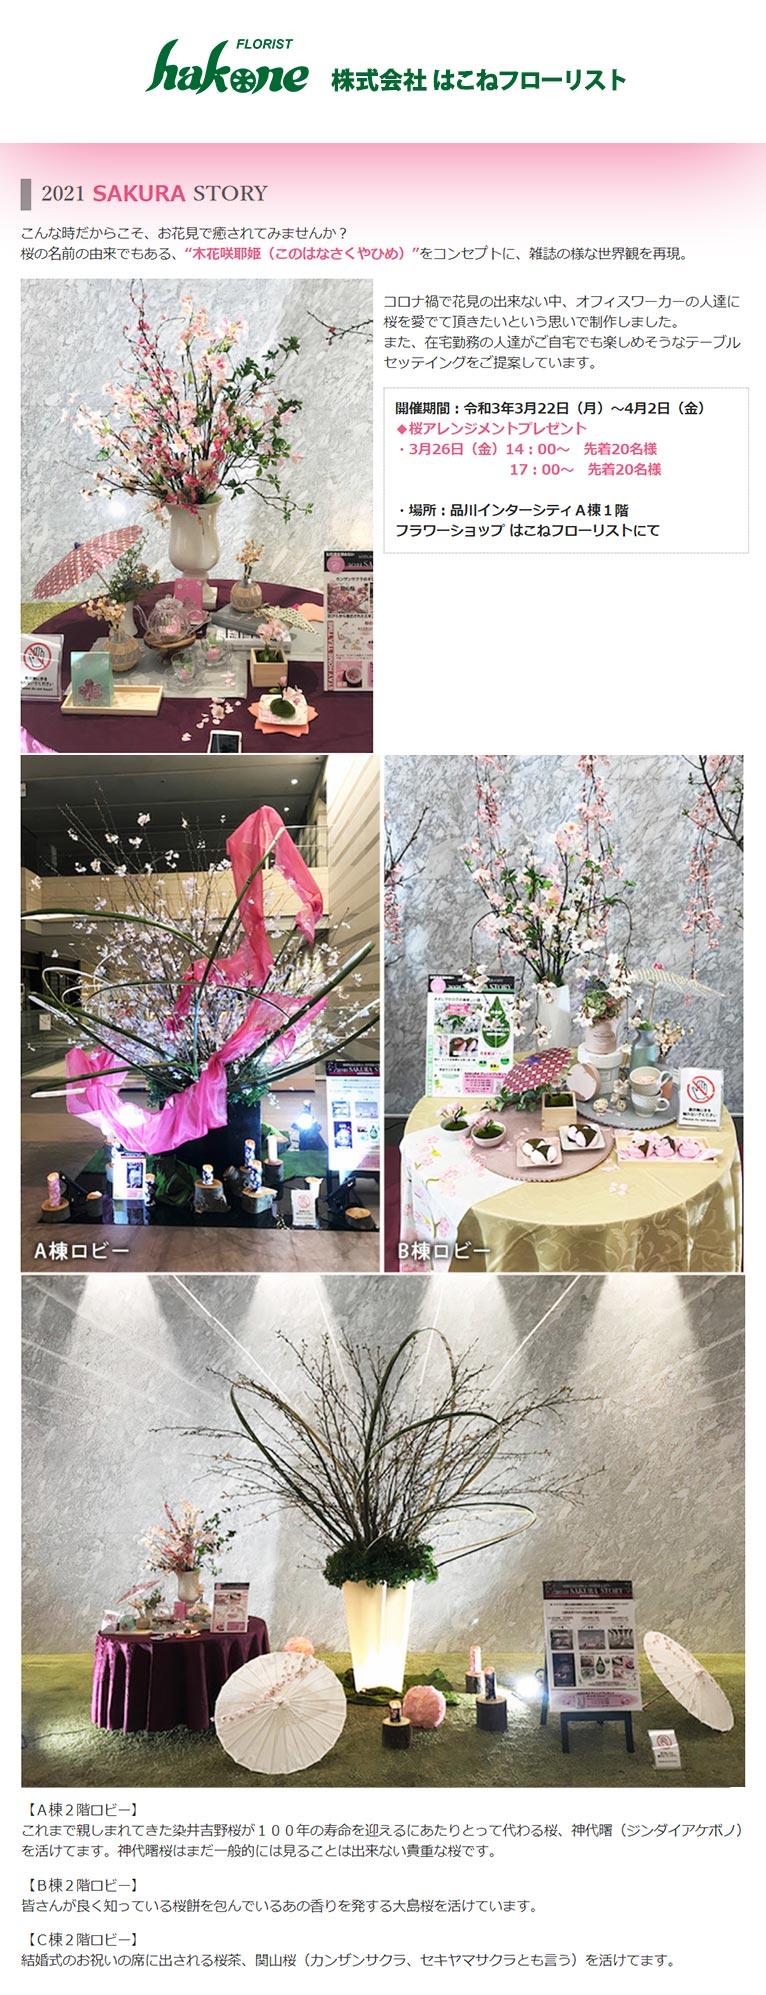 2021年3月22日~4月2日 2021 SAKURA STORY 品川インターシティ はこねフローリスト 3月26日(先着20名✕2)桜アレンジメントプレゼント!